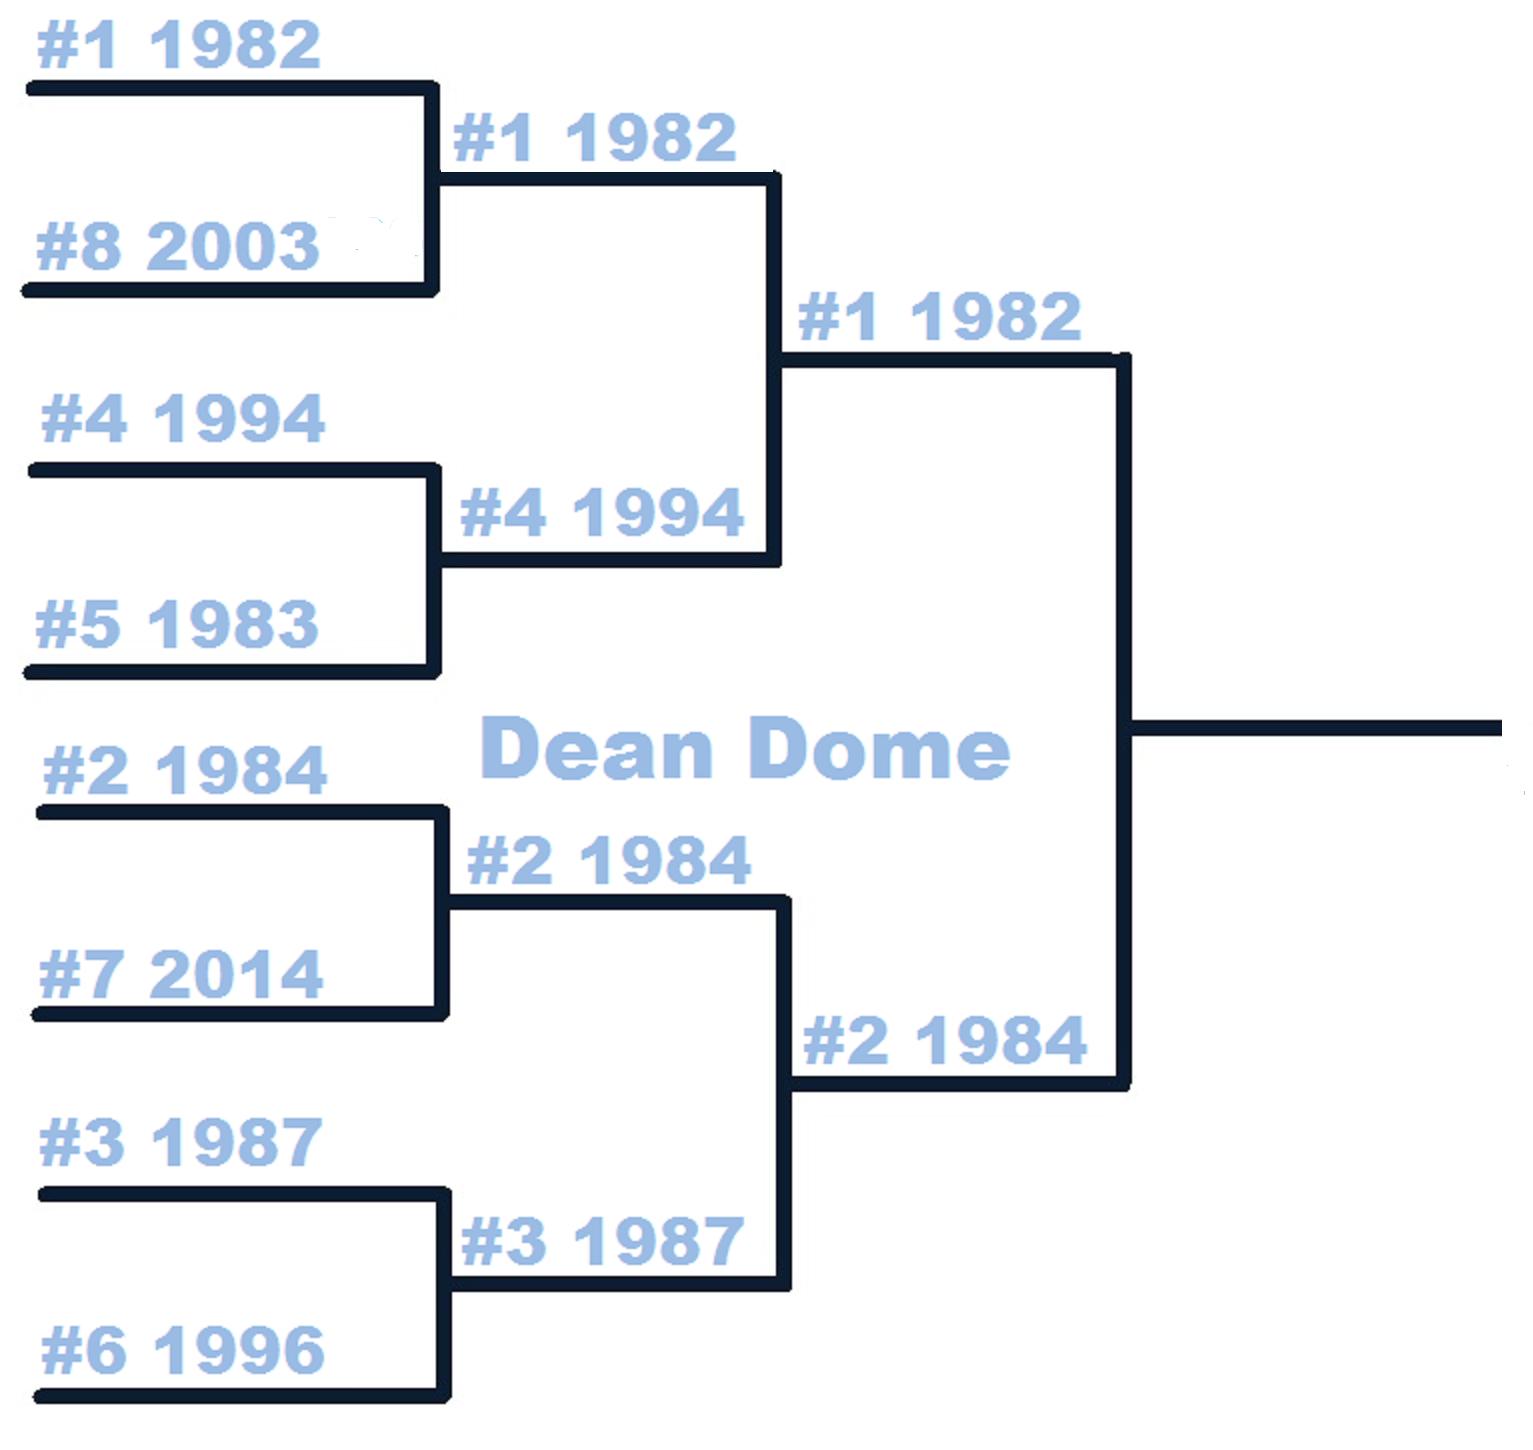 Thb_countdown_tournament-dean_dome-2nd_medium